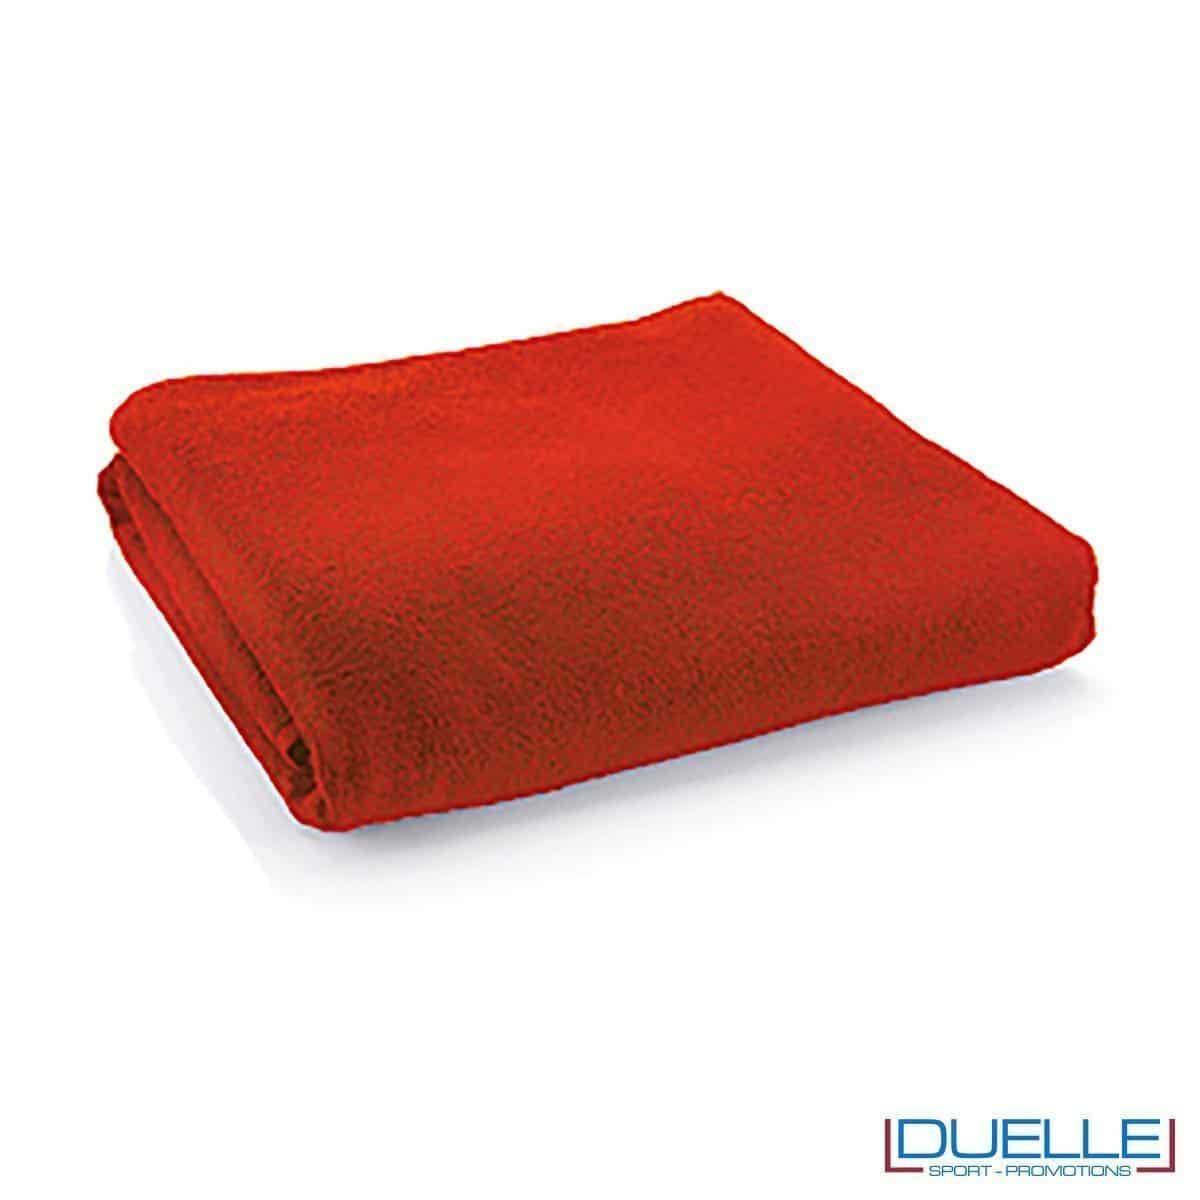 telo personalizzato cotone rosso, gadget mare, gadget personalizzato rosso